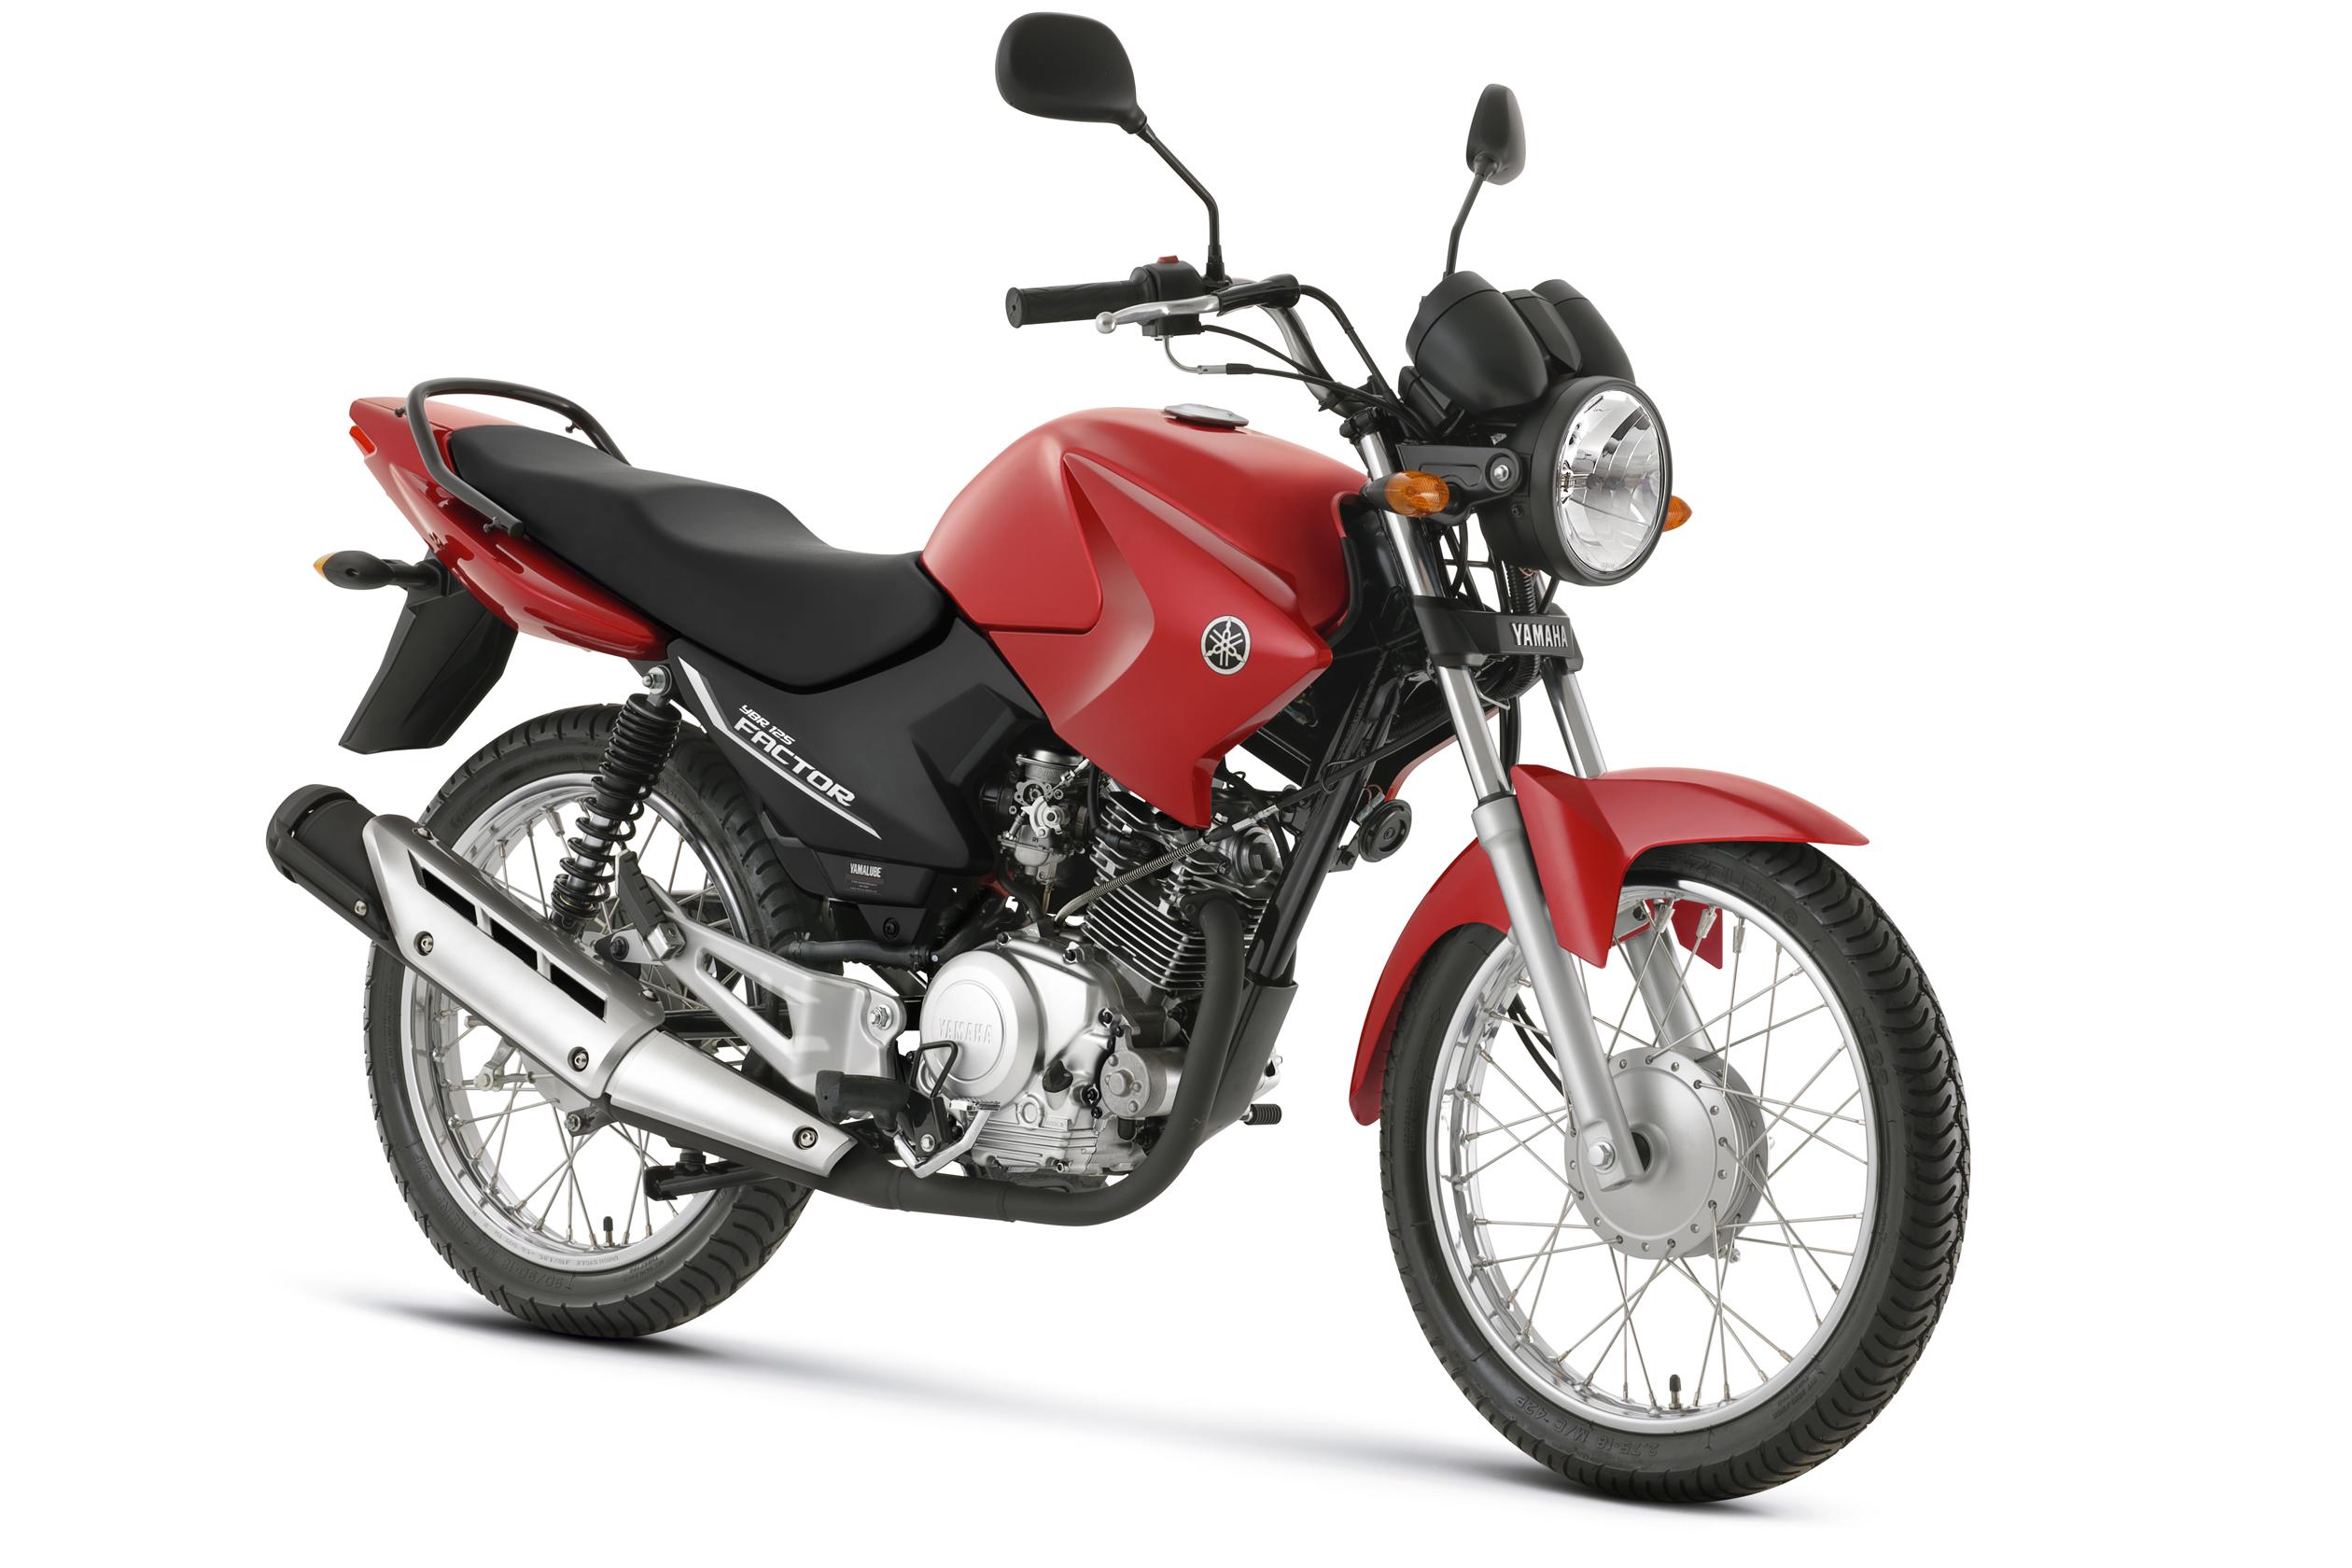 Ficha t cnica da yamaha ybr 125 factor e 2009 a 2019 for Yamaha ybr 125